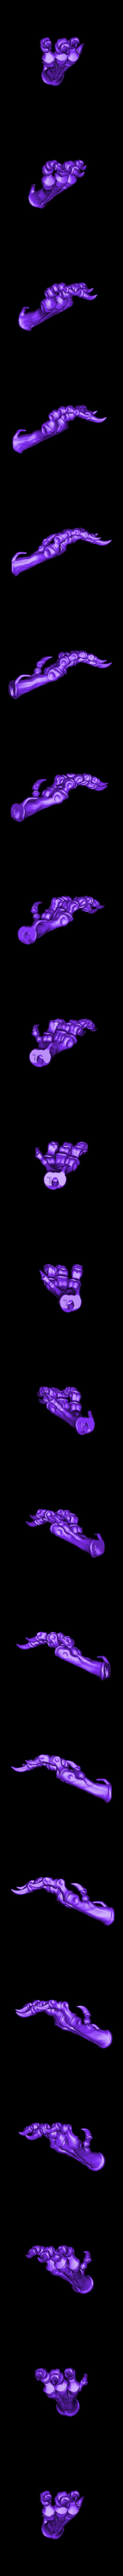 TRex_Feet_1.stl Télécharger fichier STL gratuit T-Rex Skeleton - Leo Burton Mount • Objet à imprimer en 3D, LordLilapause